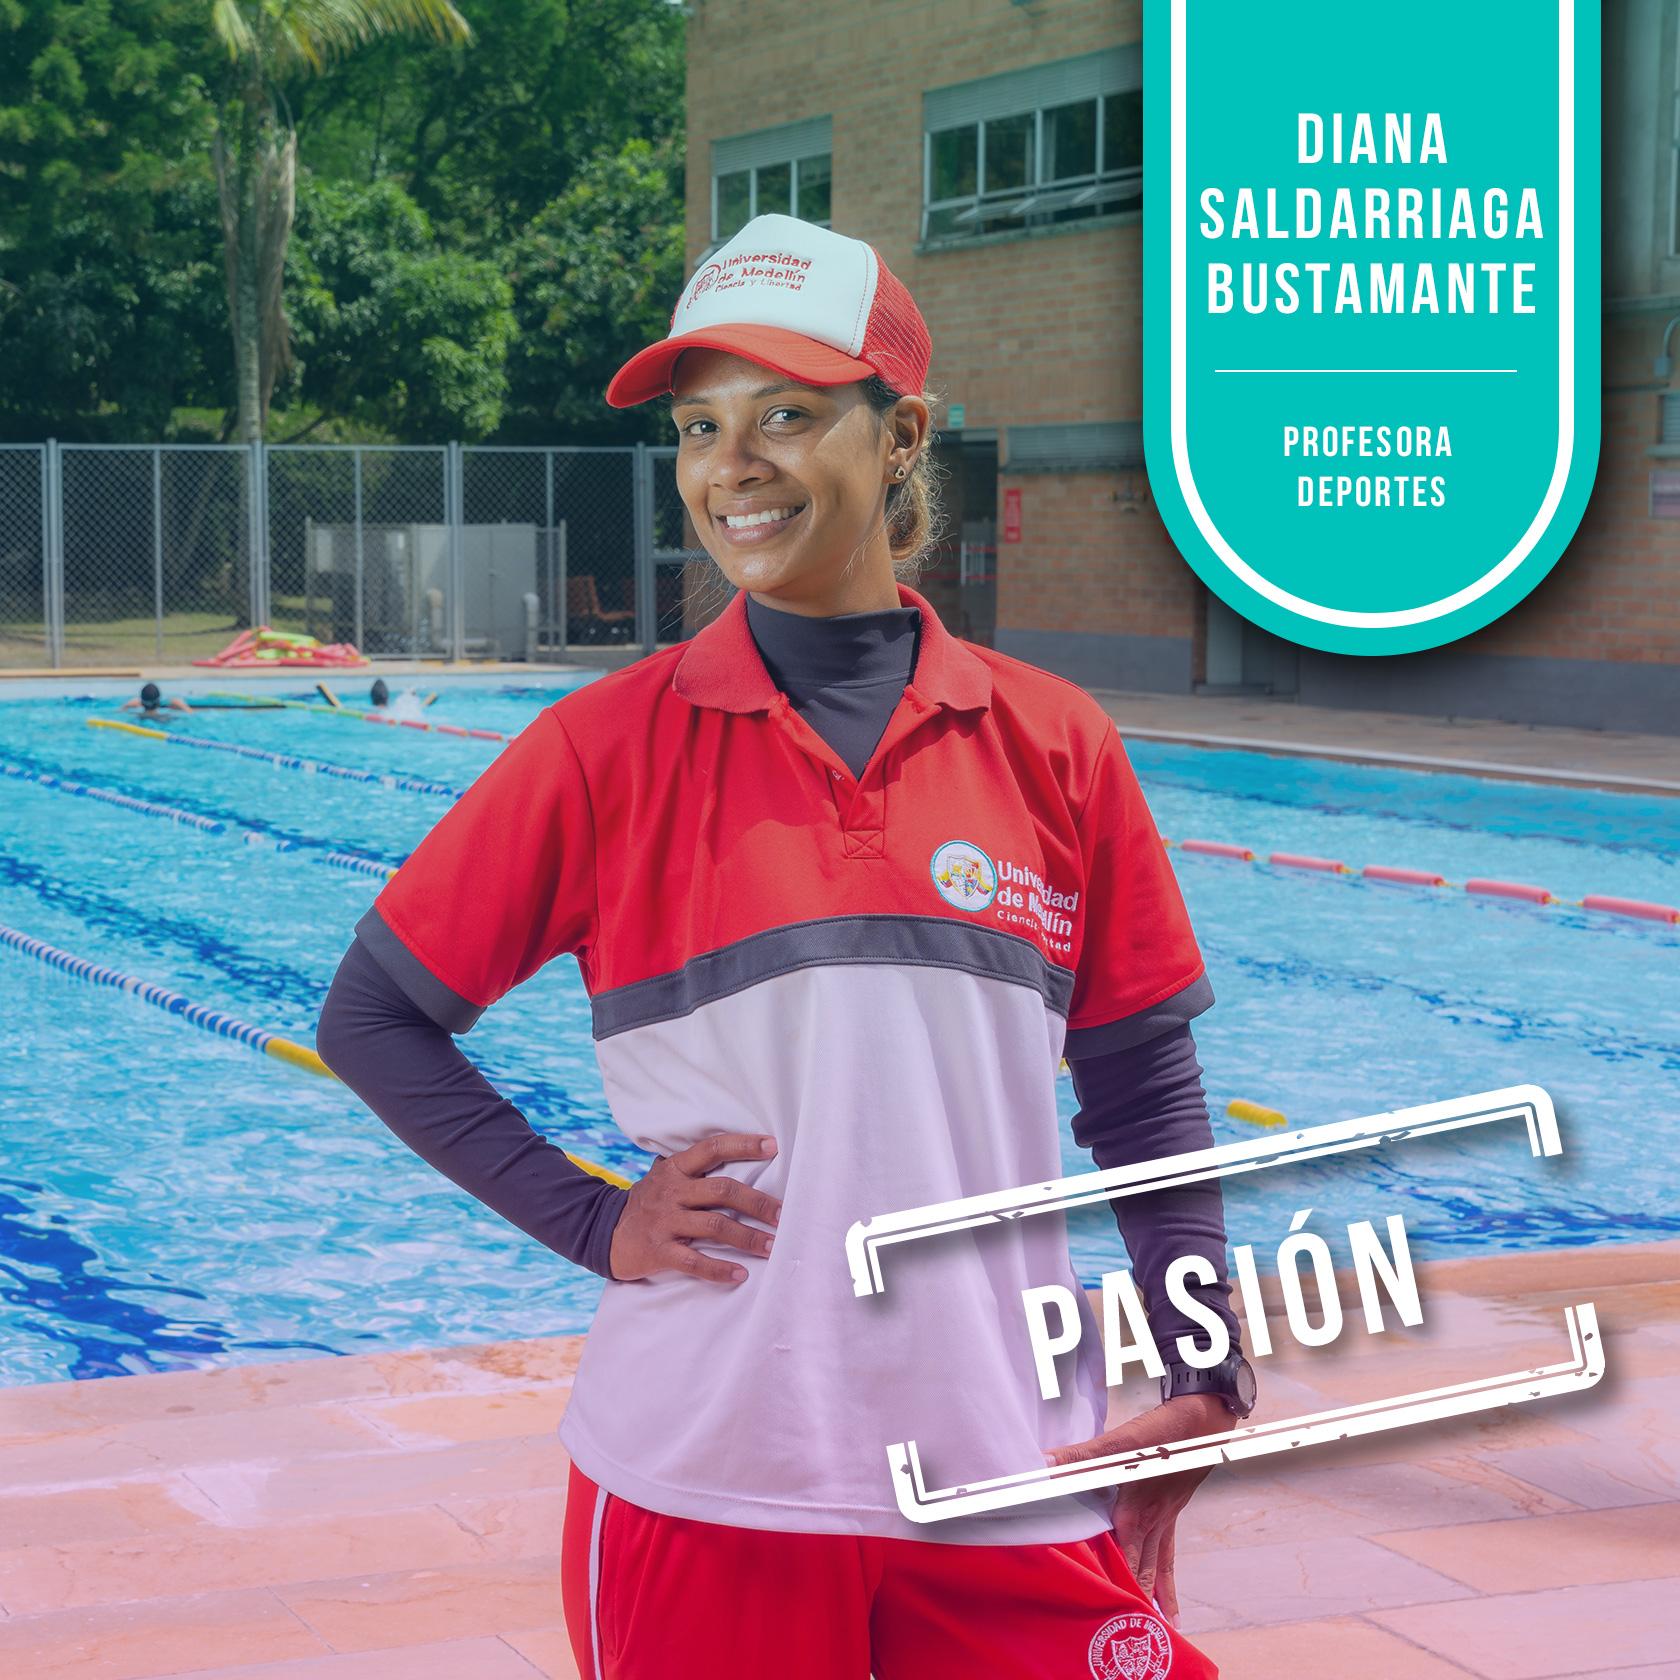 07-Diana-Saldarriaga